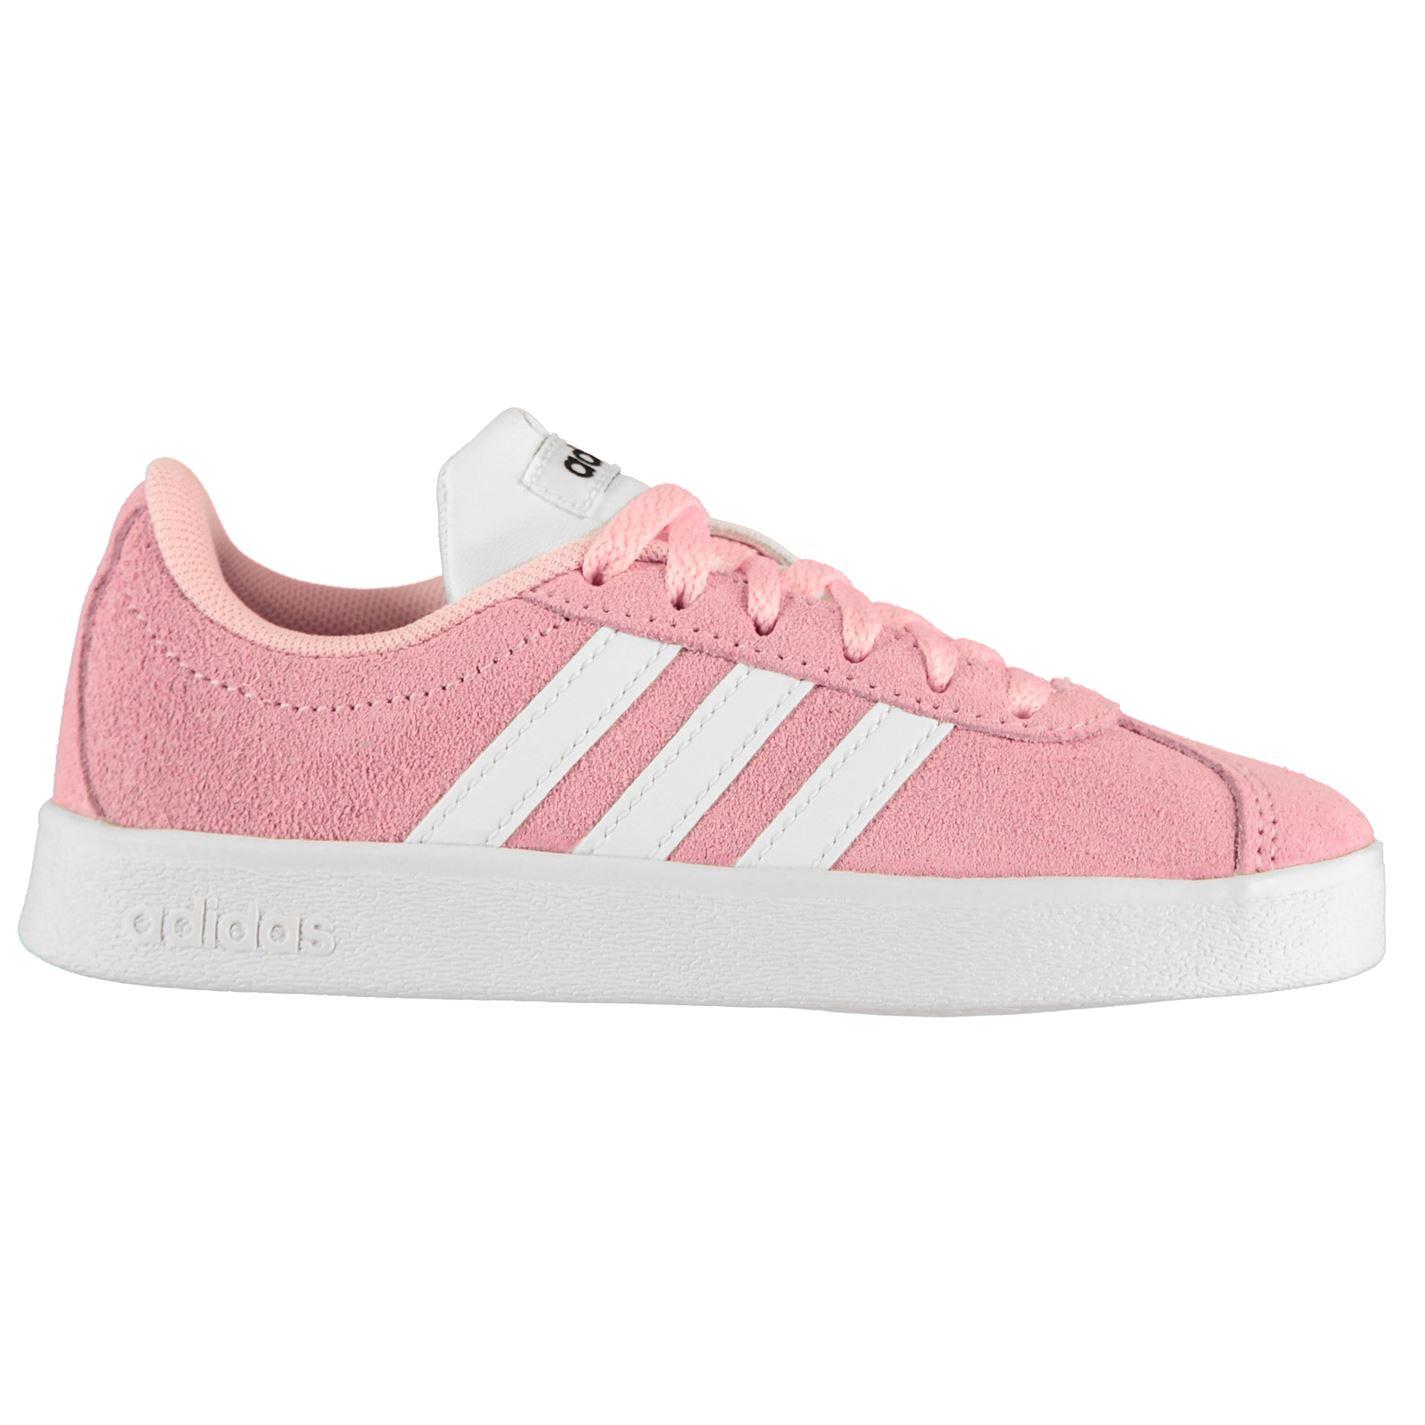 Adidas VL Court Suede Trainers Child Girls